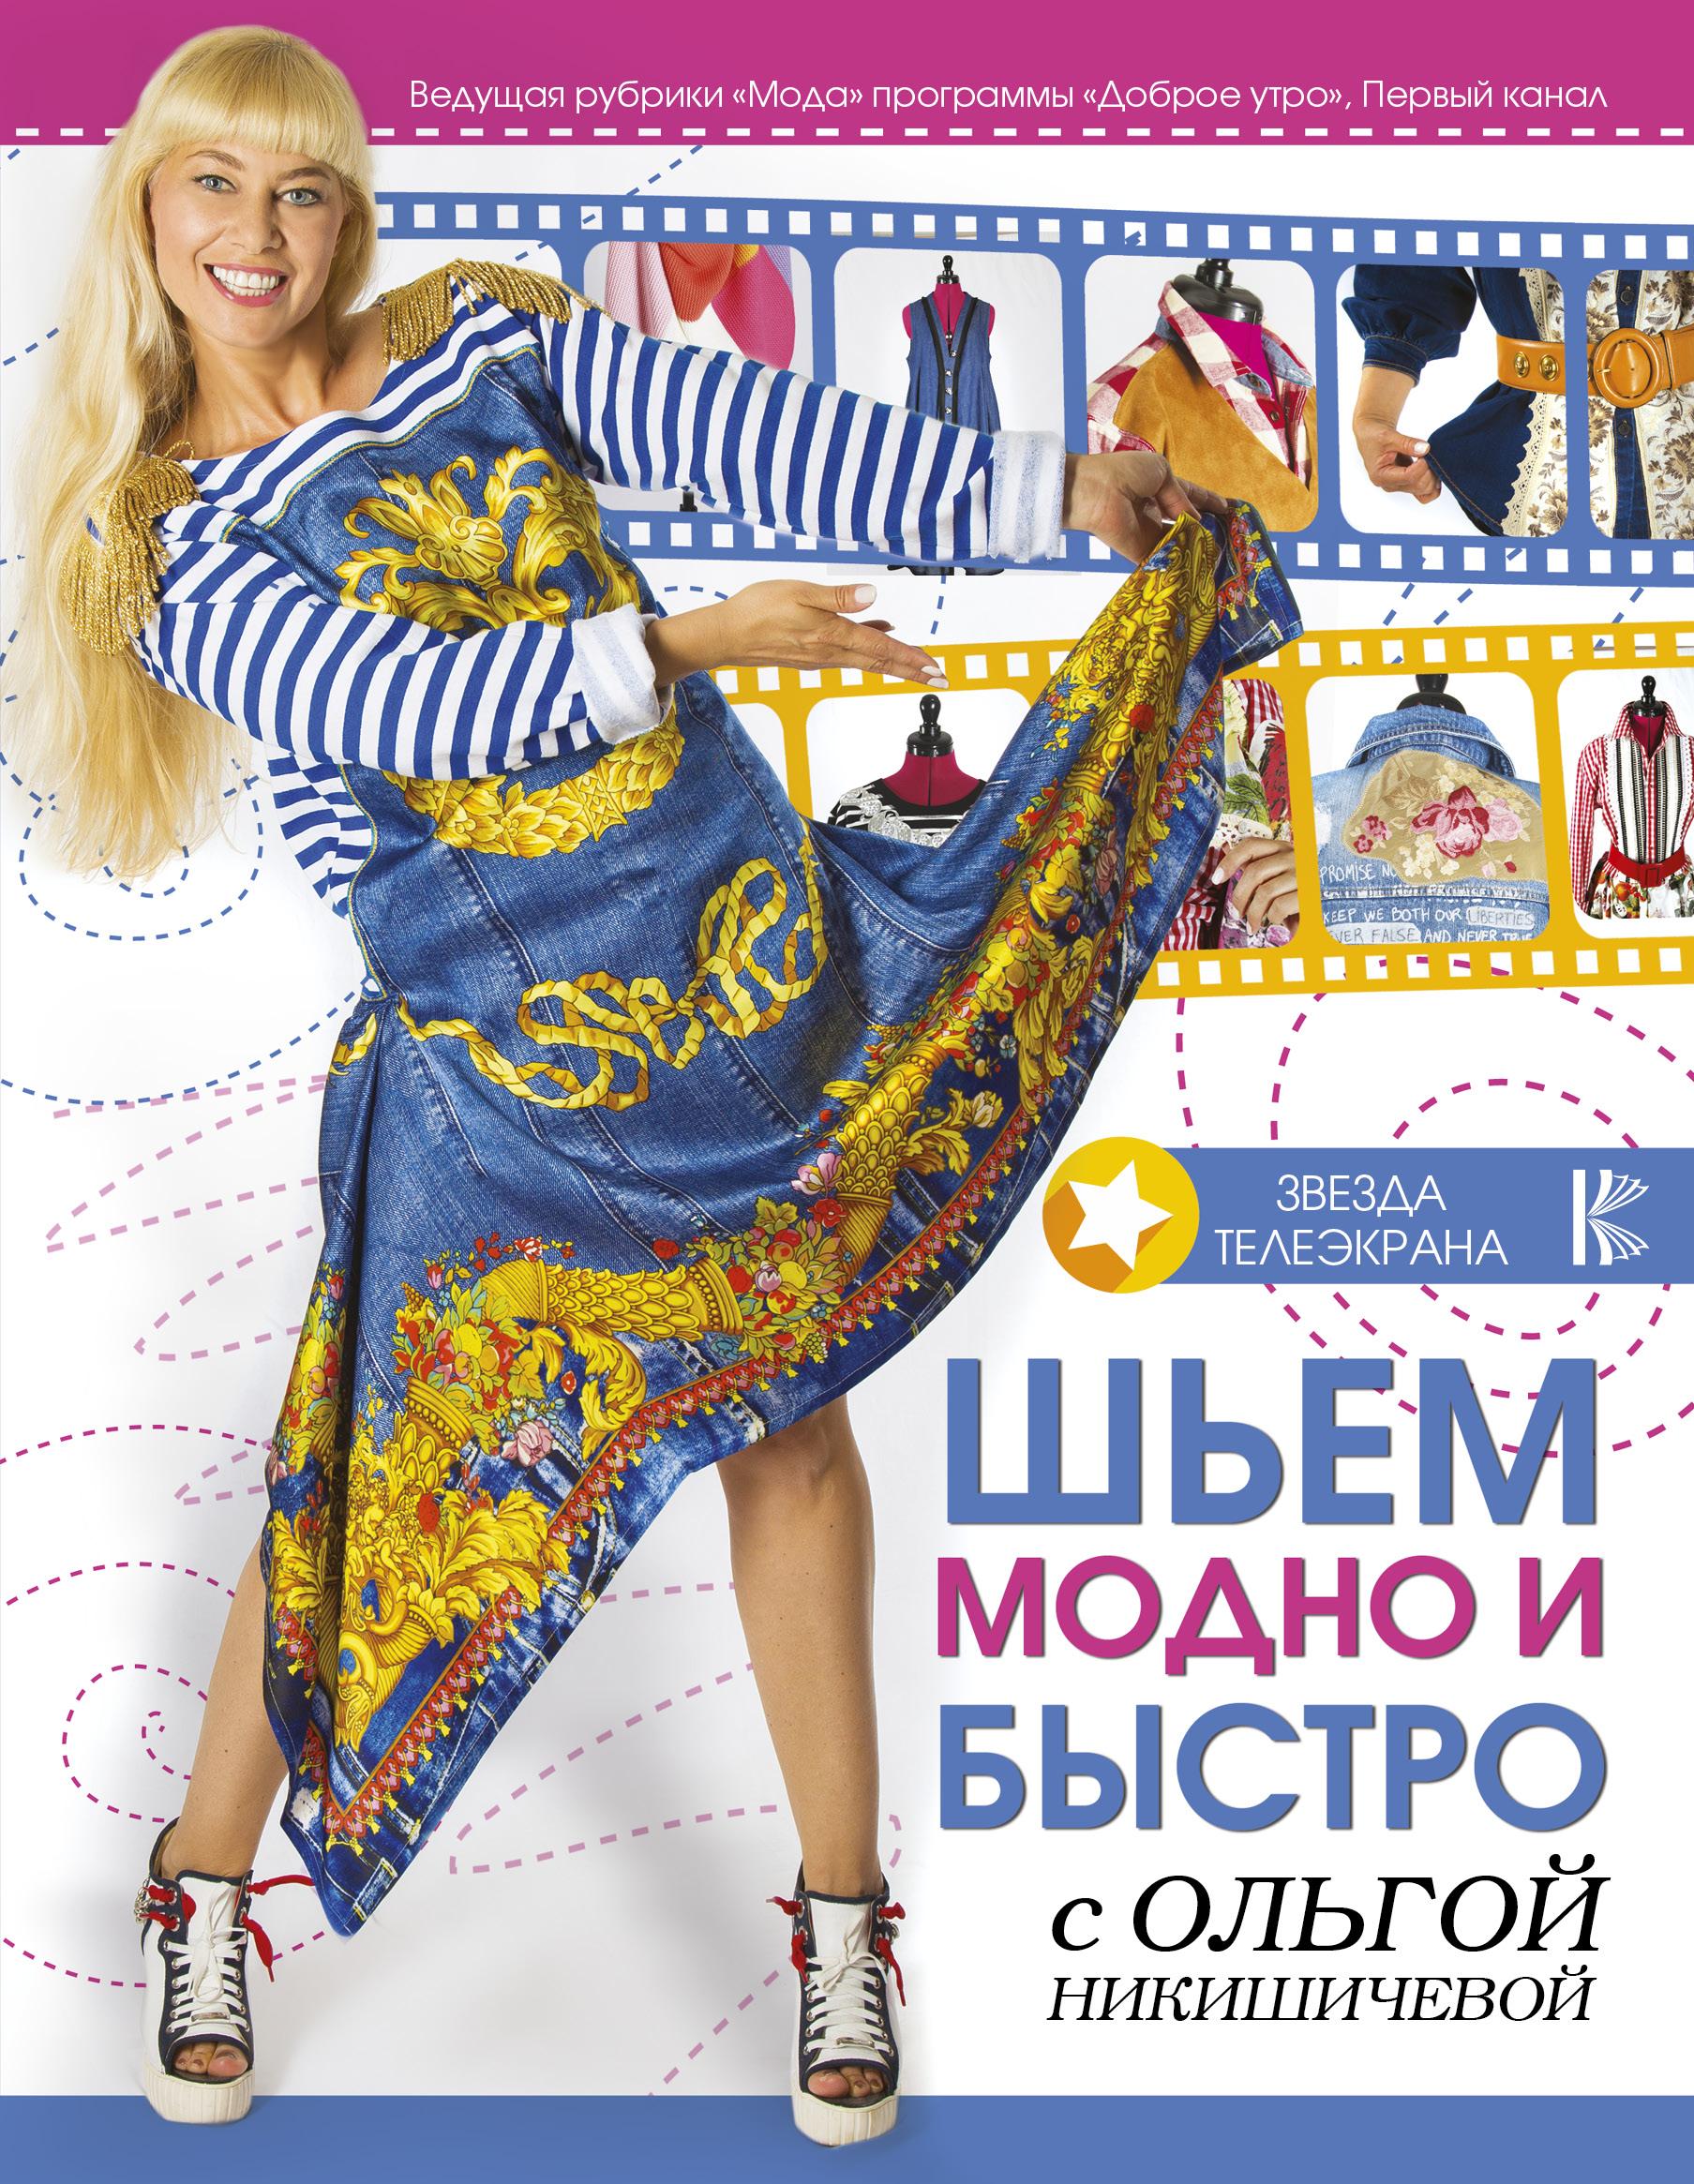 Никишичева О.С. Шьем модно и быстро с Ольгой Никишичевой